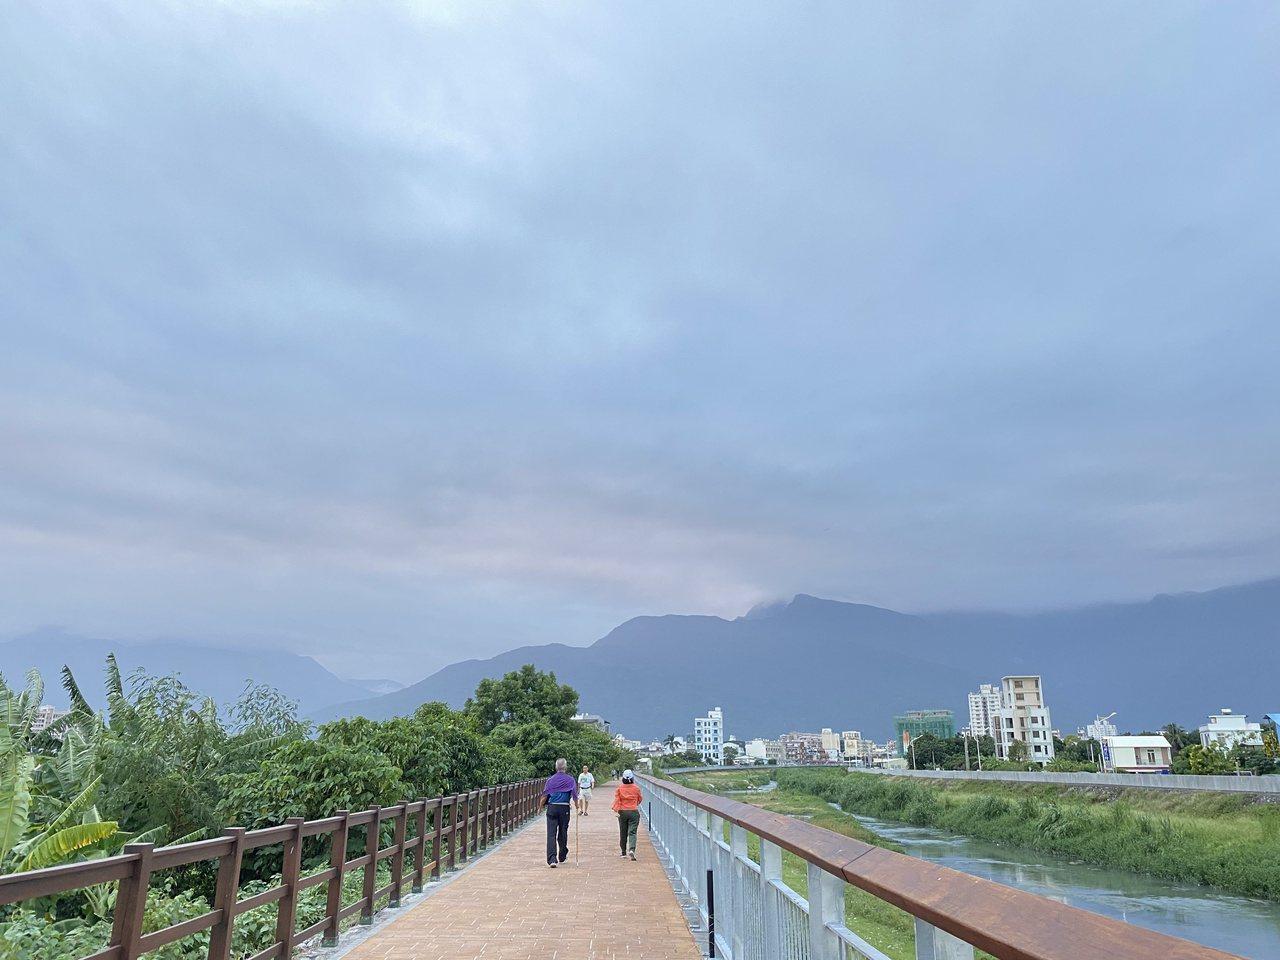 花蓮吉安海濱公園的步道平穩、無車輛進入,很適合散步或慢跑運動。 圖/王思慧 攝影